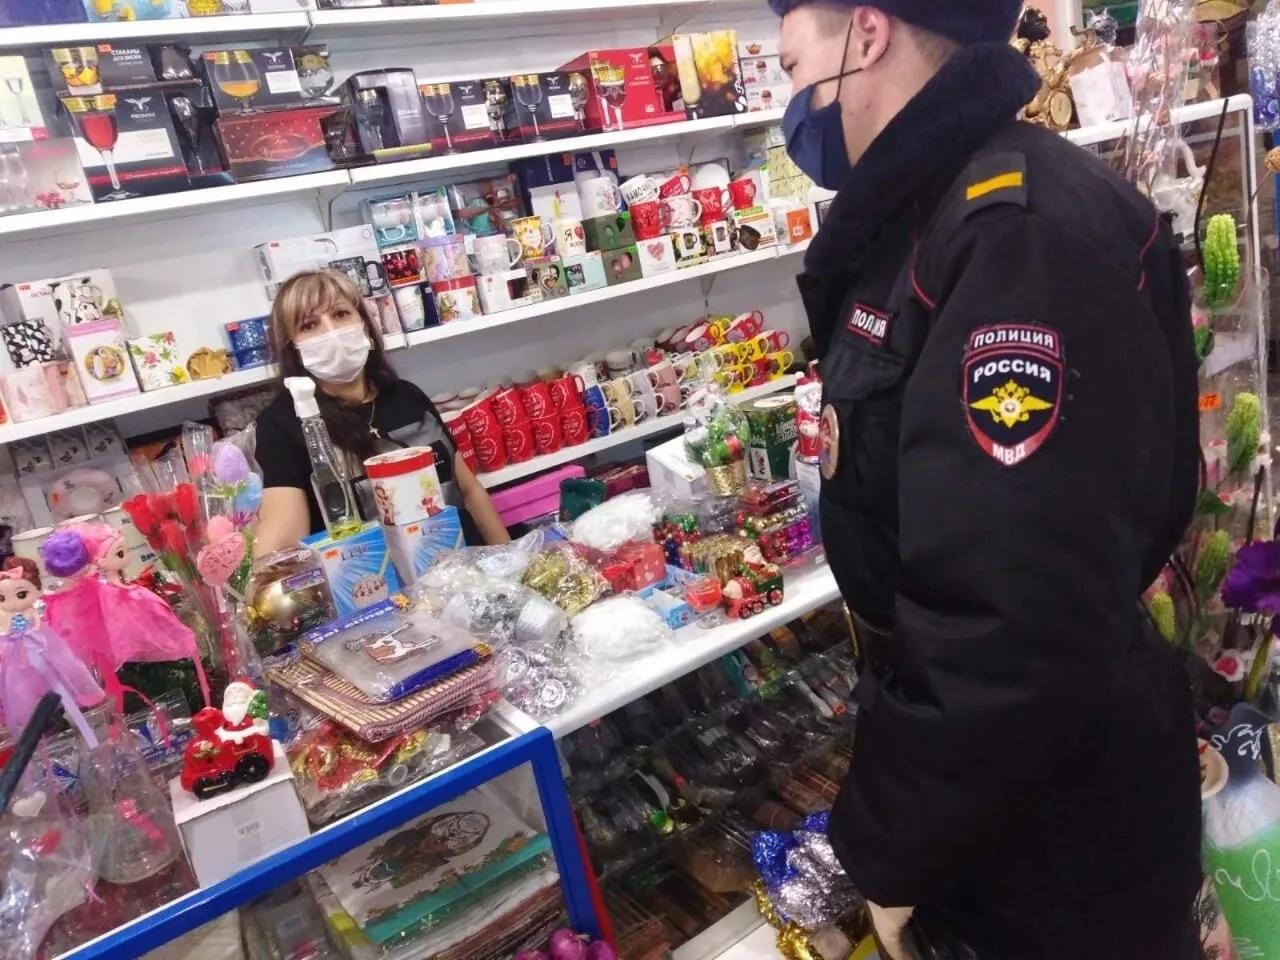 В Петровске продолжаются рейды по проверке соблюдения гражданами противоэпидемических требований